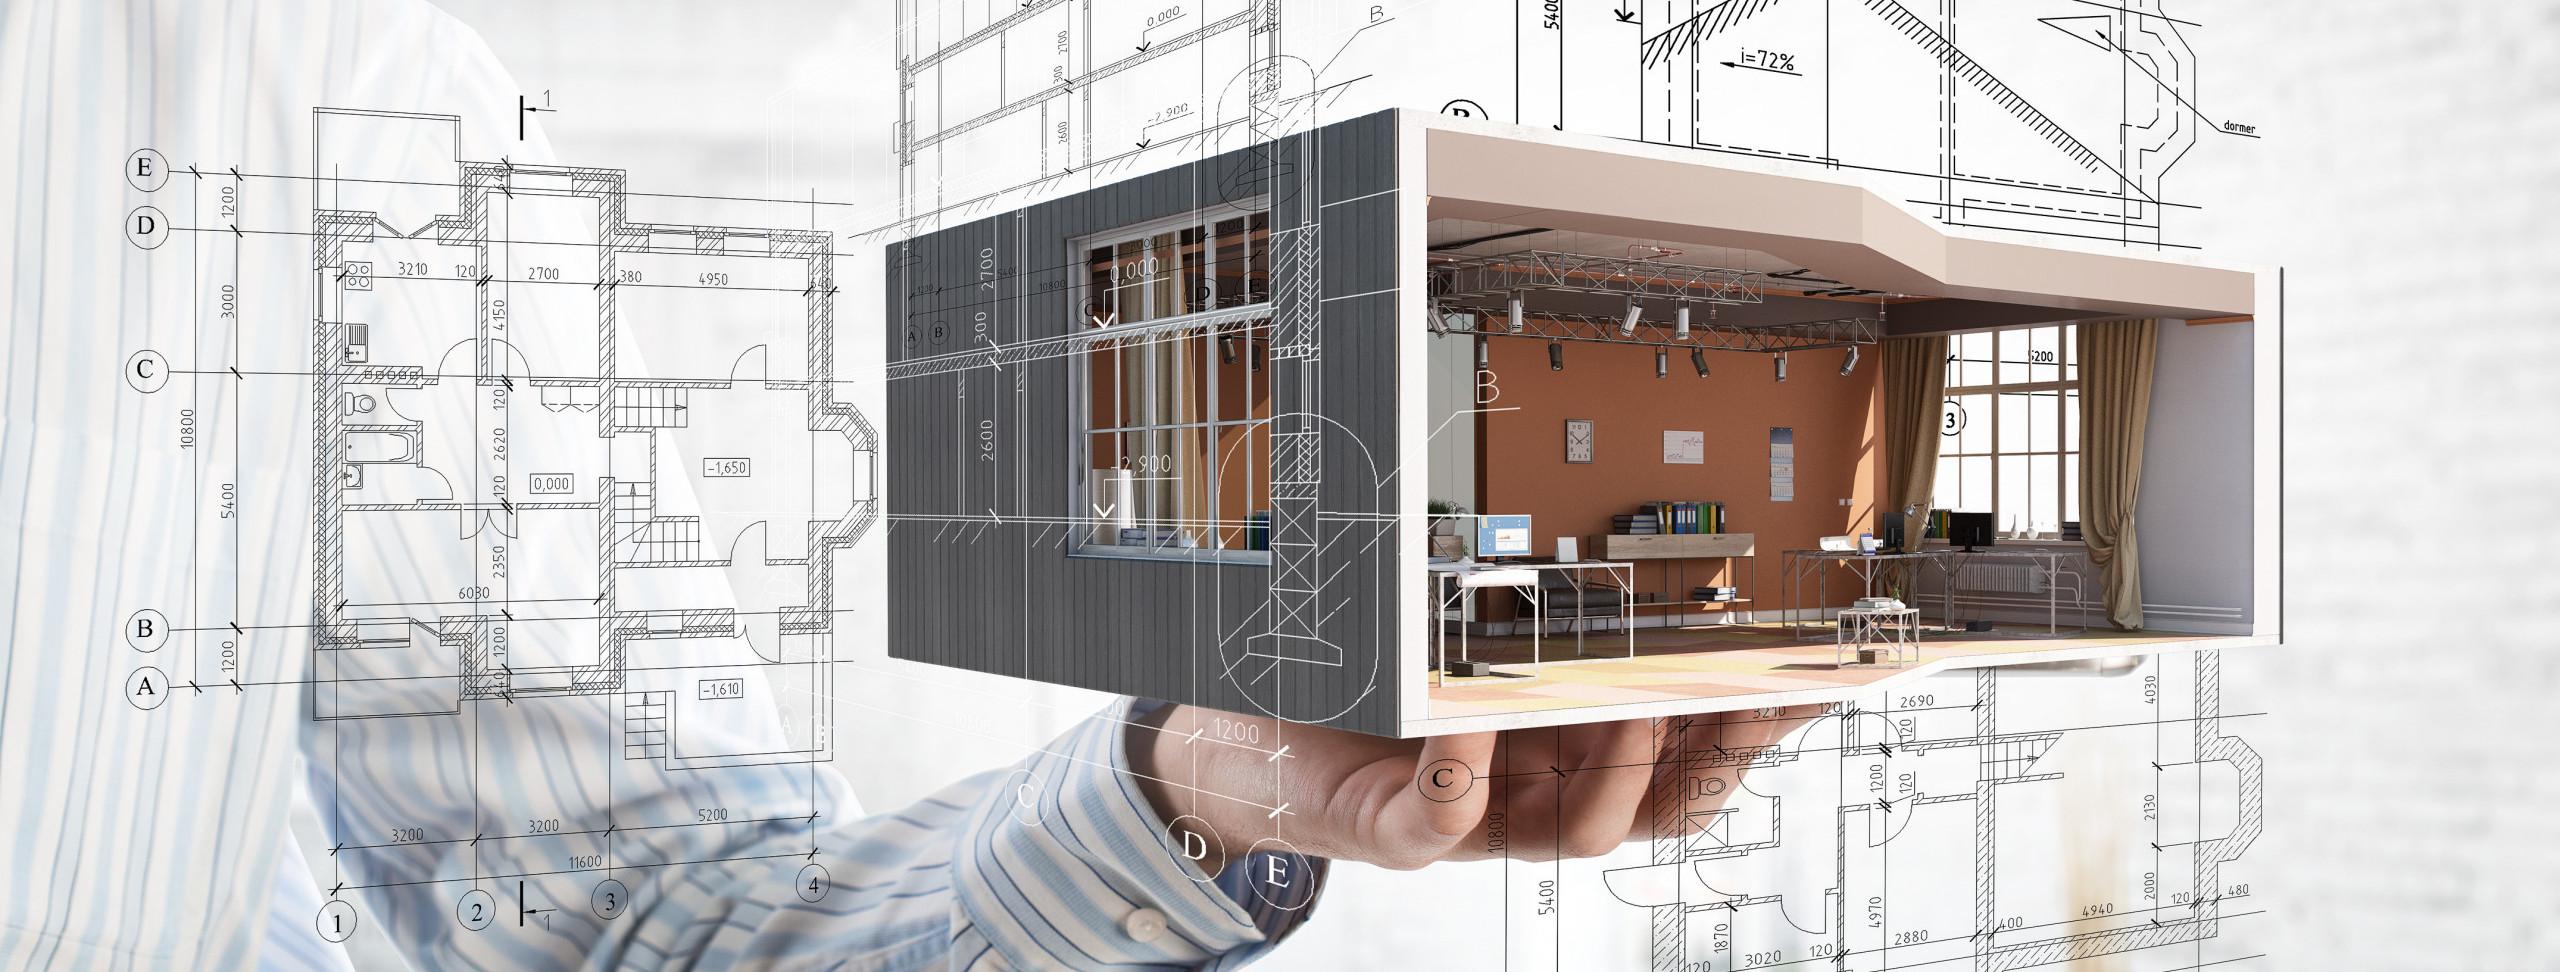 imovel-construir-reformar-estudo-obra-analise-orcamento-investimento-projeto-construcao-reforma-planejamento